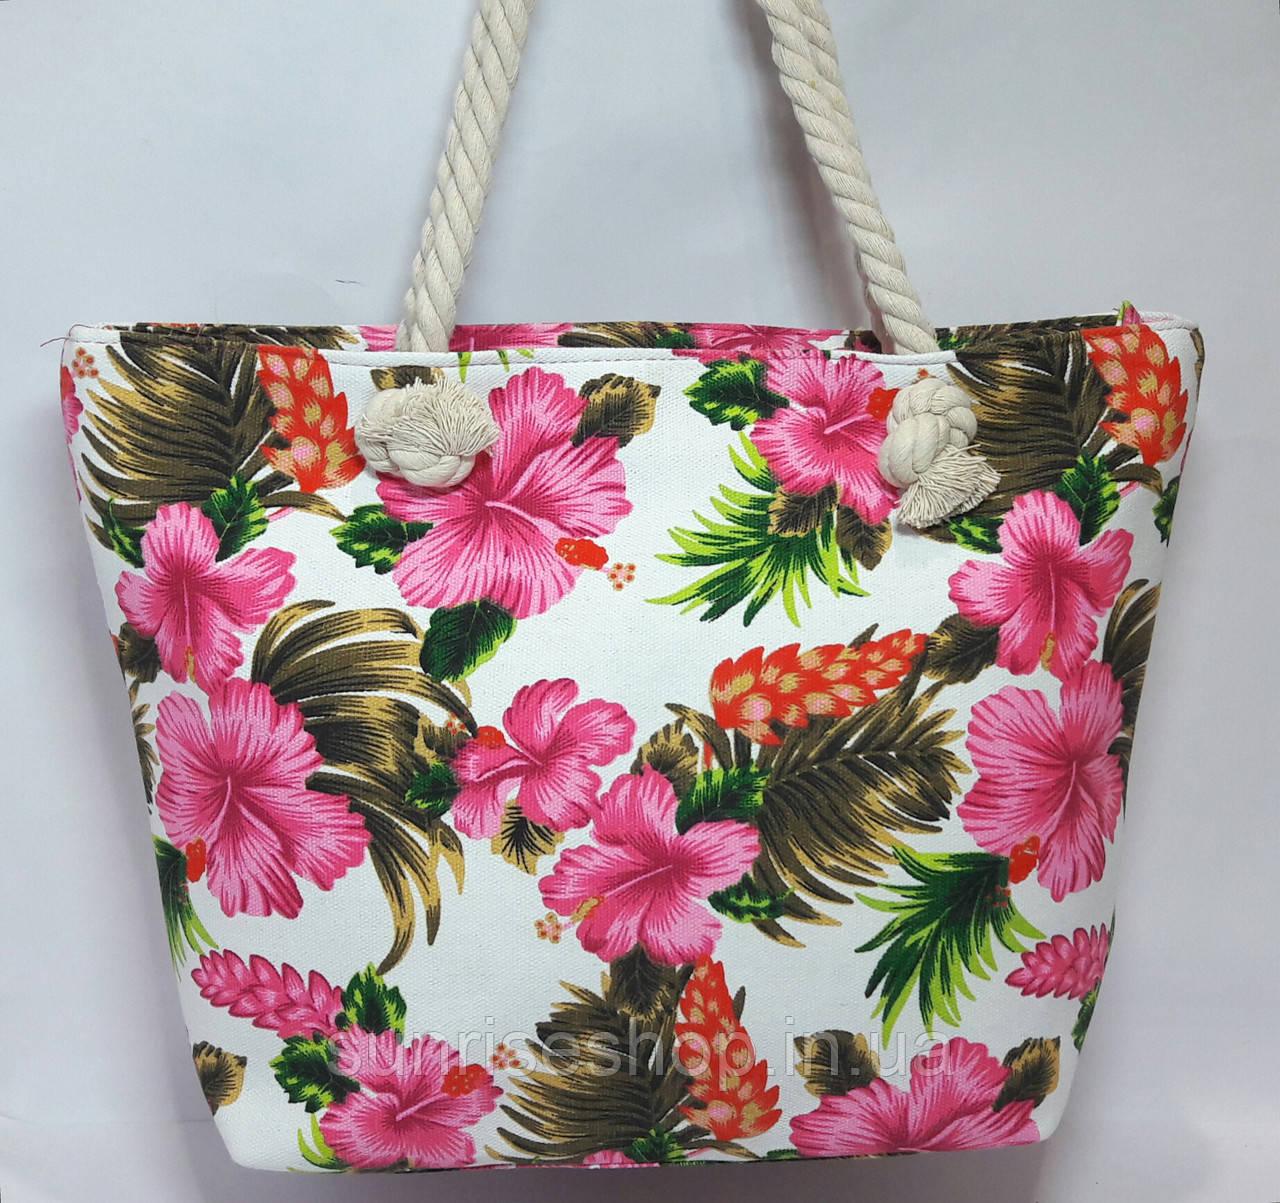 Пляжная сумка Цветочный принт опт и розница